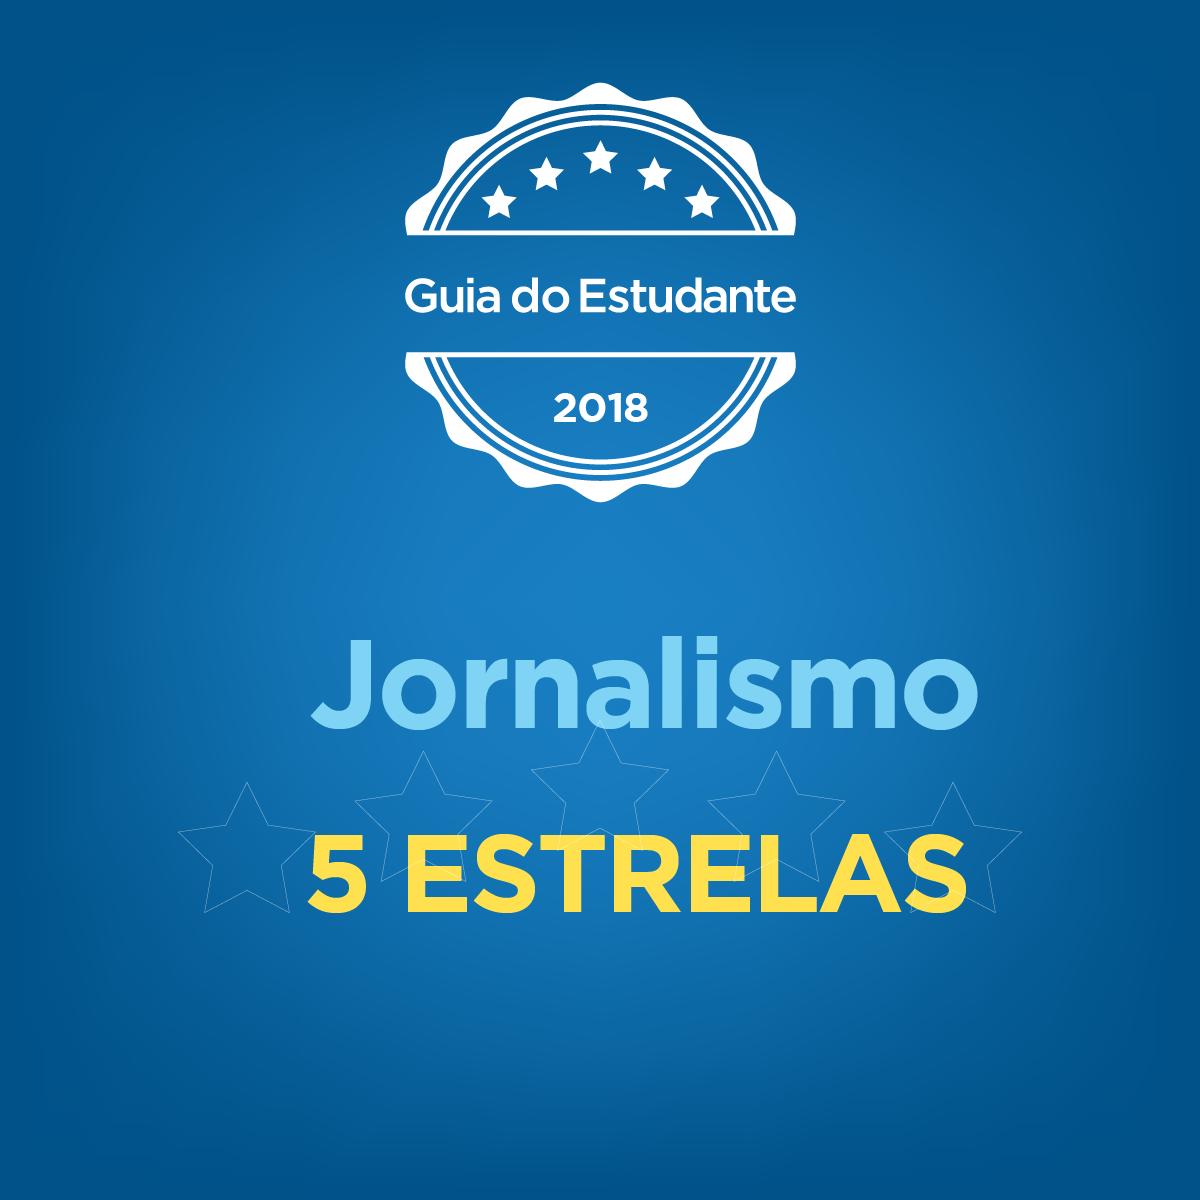 Guia do Estudante Abril - Jornalismo 5 estrelas